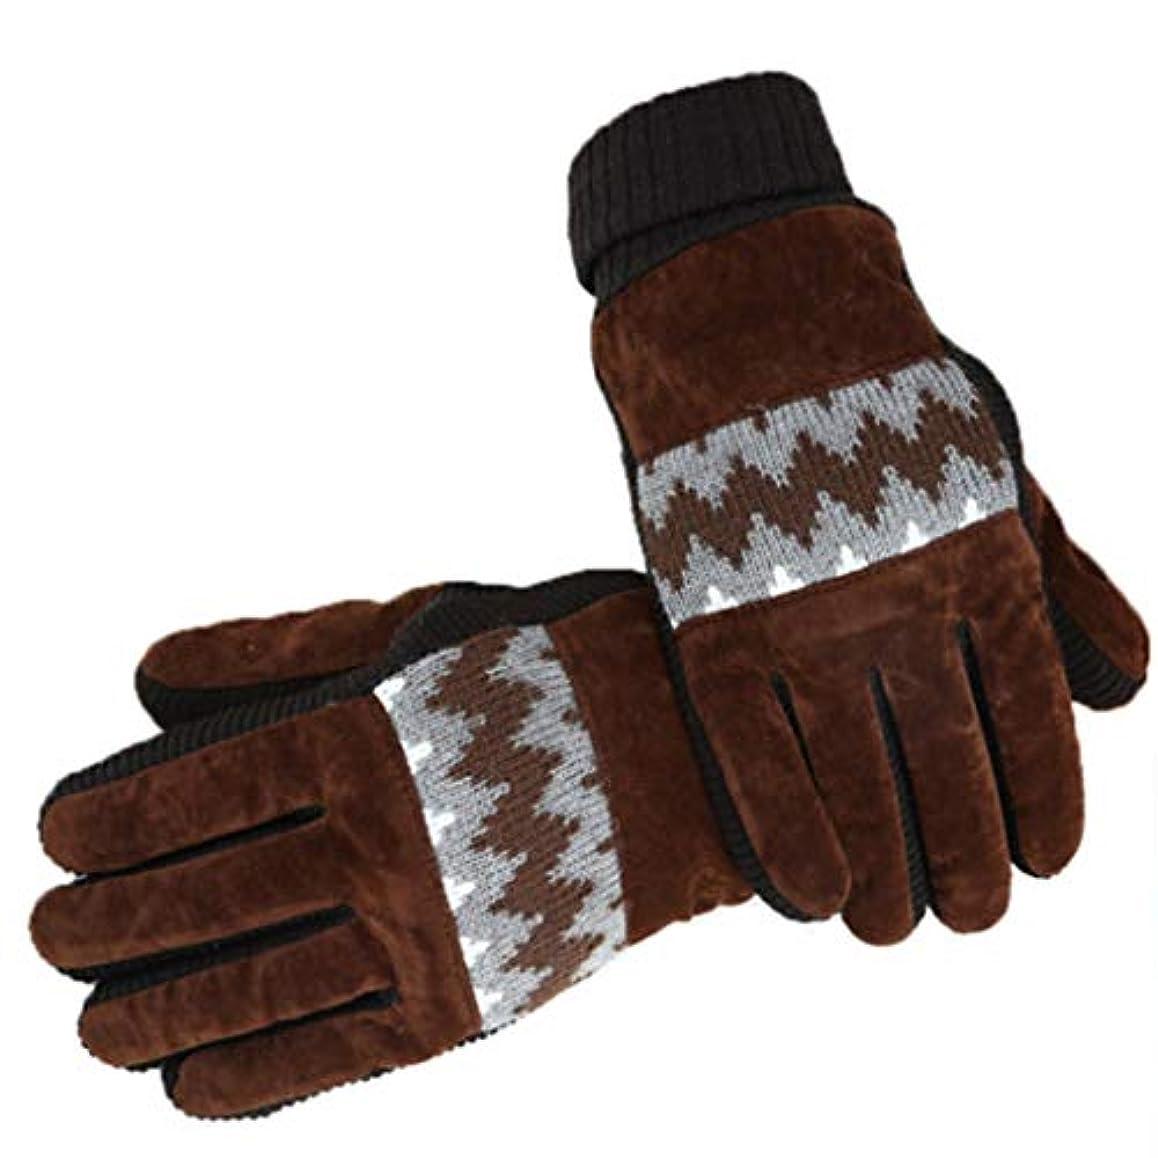 先生硫黄交換手袋の男性の冬プラスベルベット寒い暖かいサイクリング秋と冬の防風タッチスクリーンの綿手袋の水リップル黒 (色 : Brown)